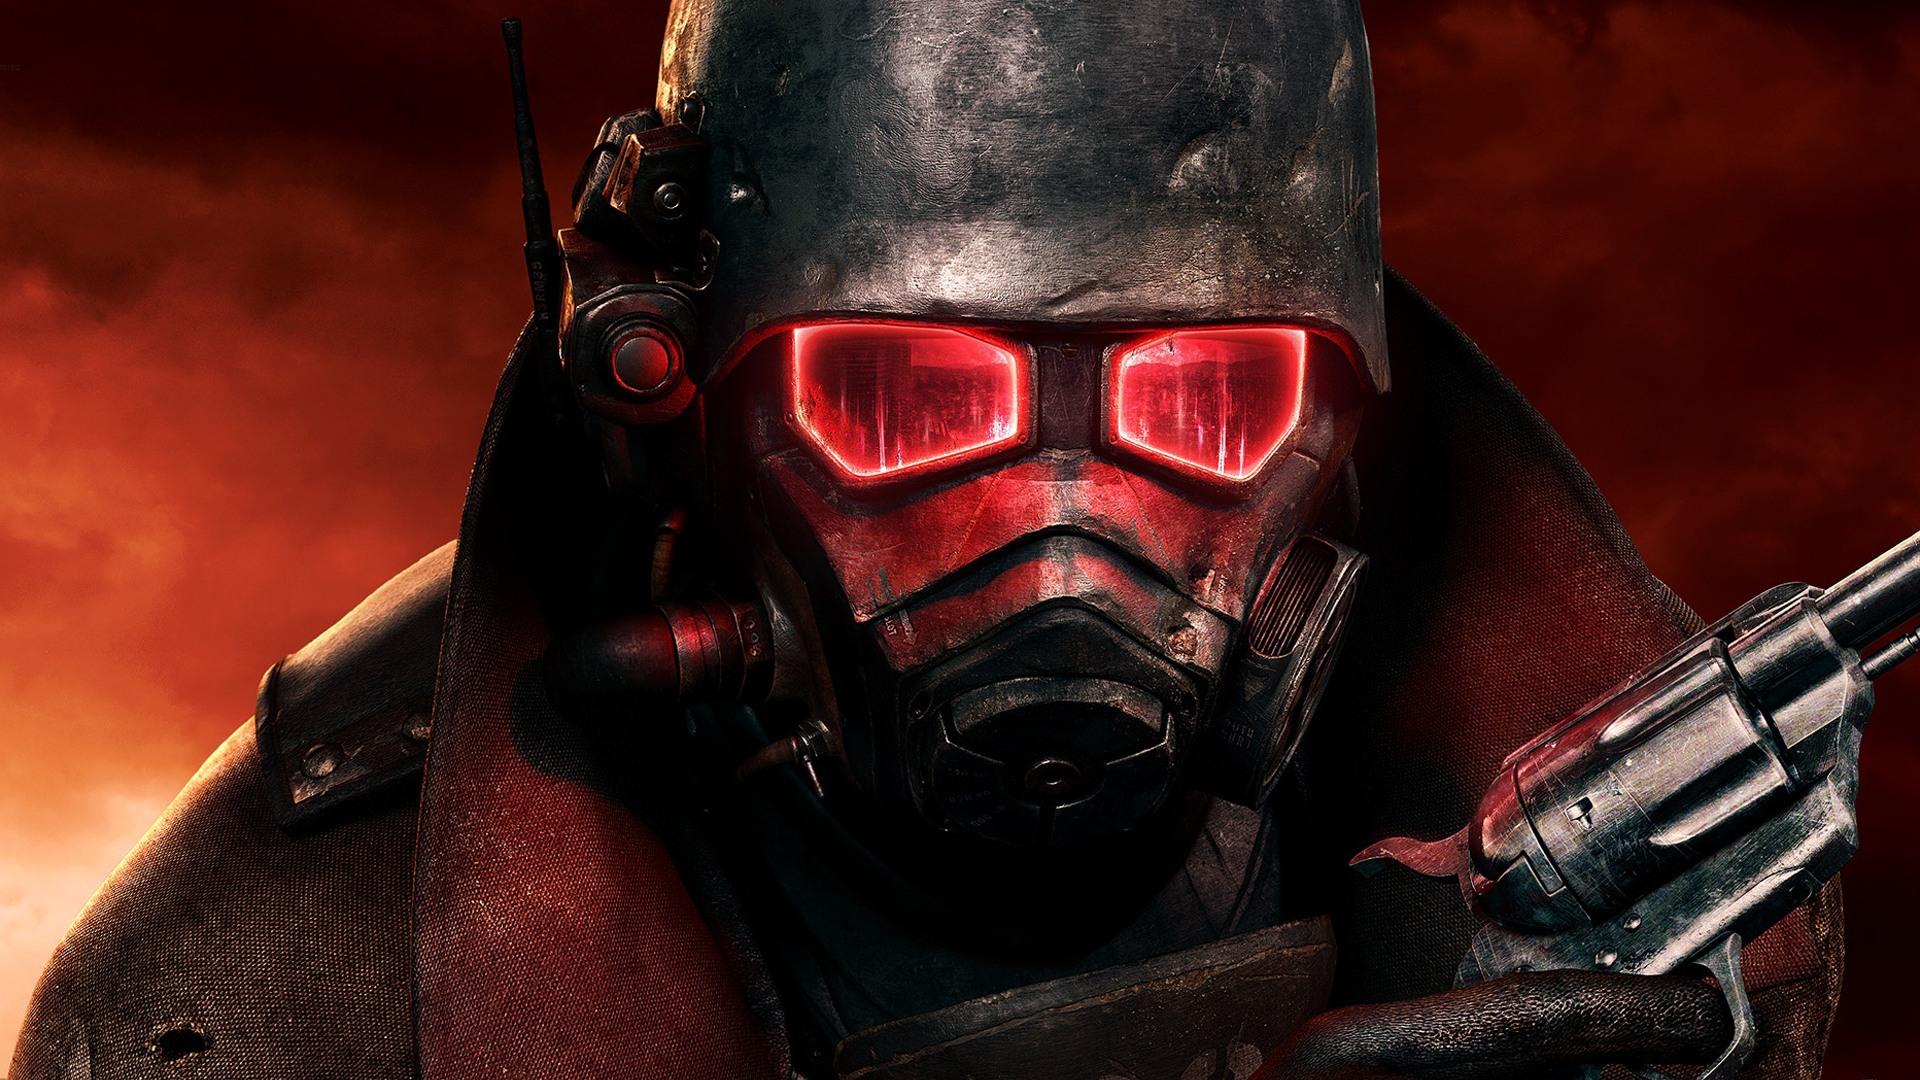 Fallout 2 se patche - PC, Jeu de rôle, News - News - Factornews